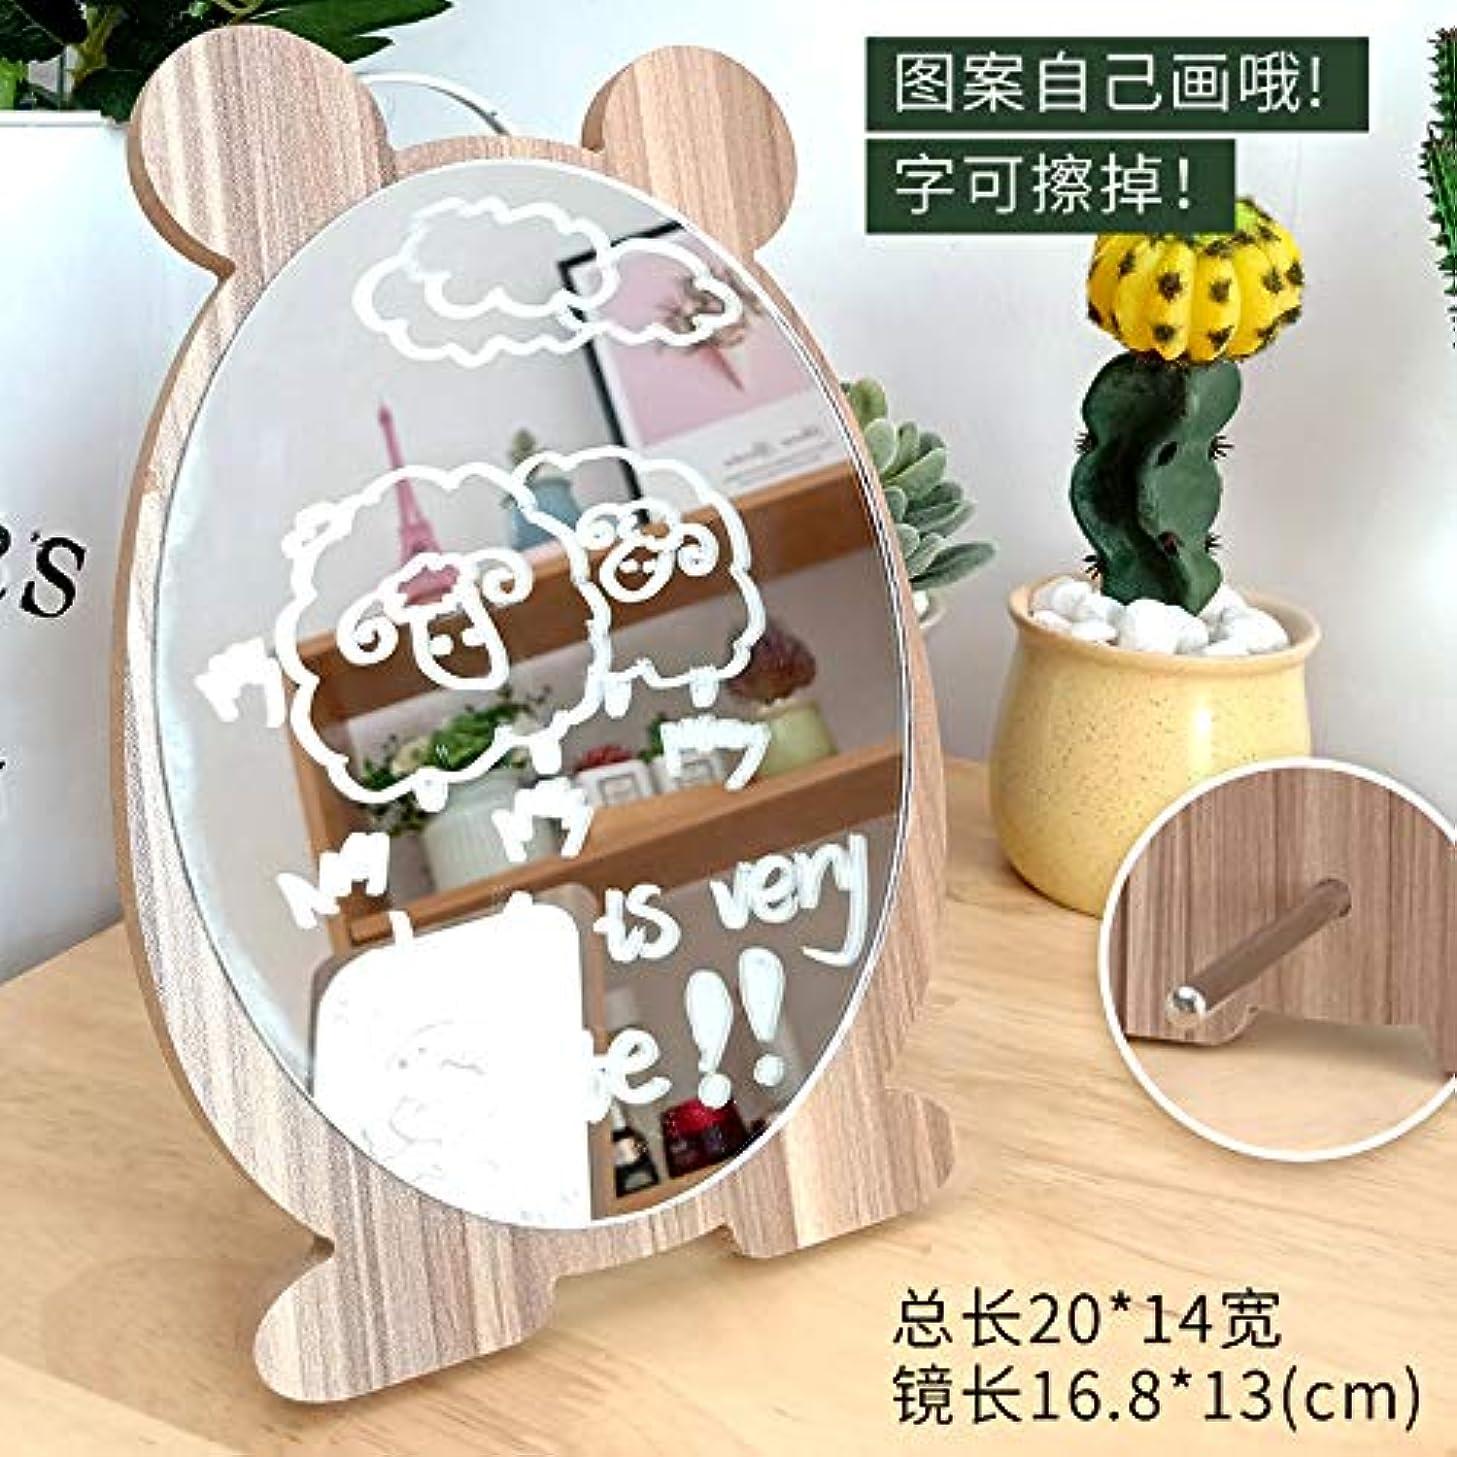 ケイ素殺す退屈な木製の折りたたみ化粧鏡のテーブルトップは、大きなポータブルハンドミラーにすることができます